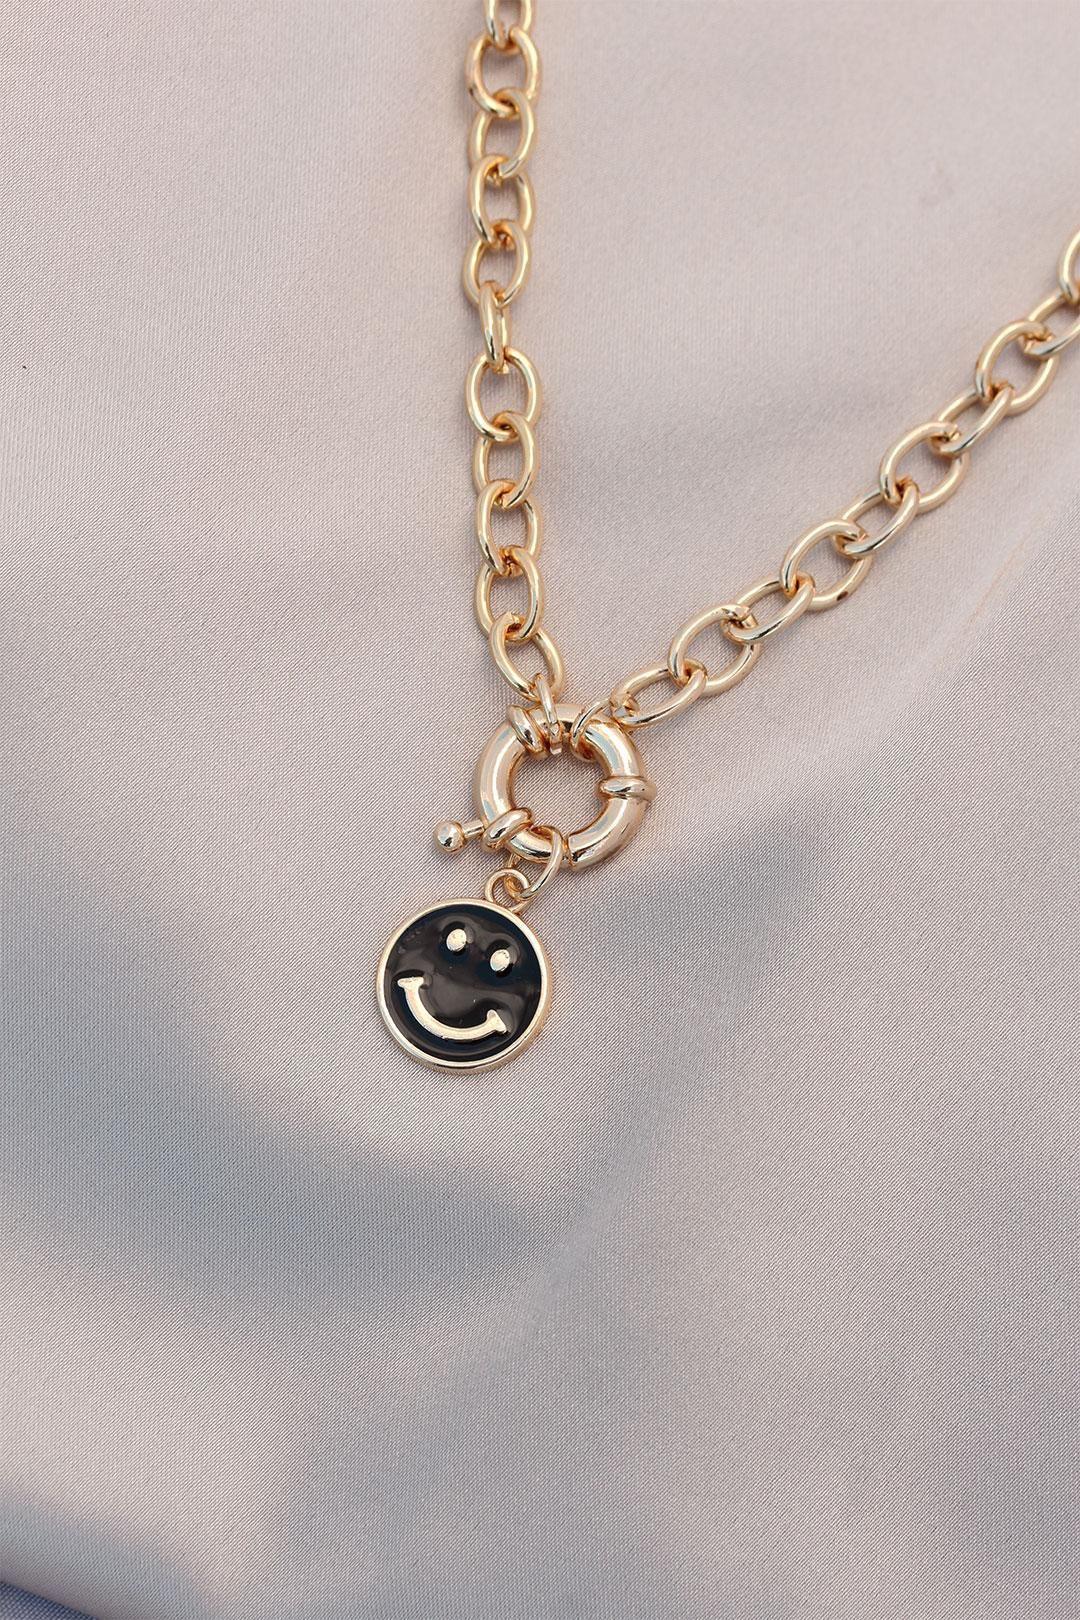 Yeni Sezon Siyah Renk Smile Model Retro Gold Metal Kolye